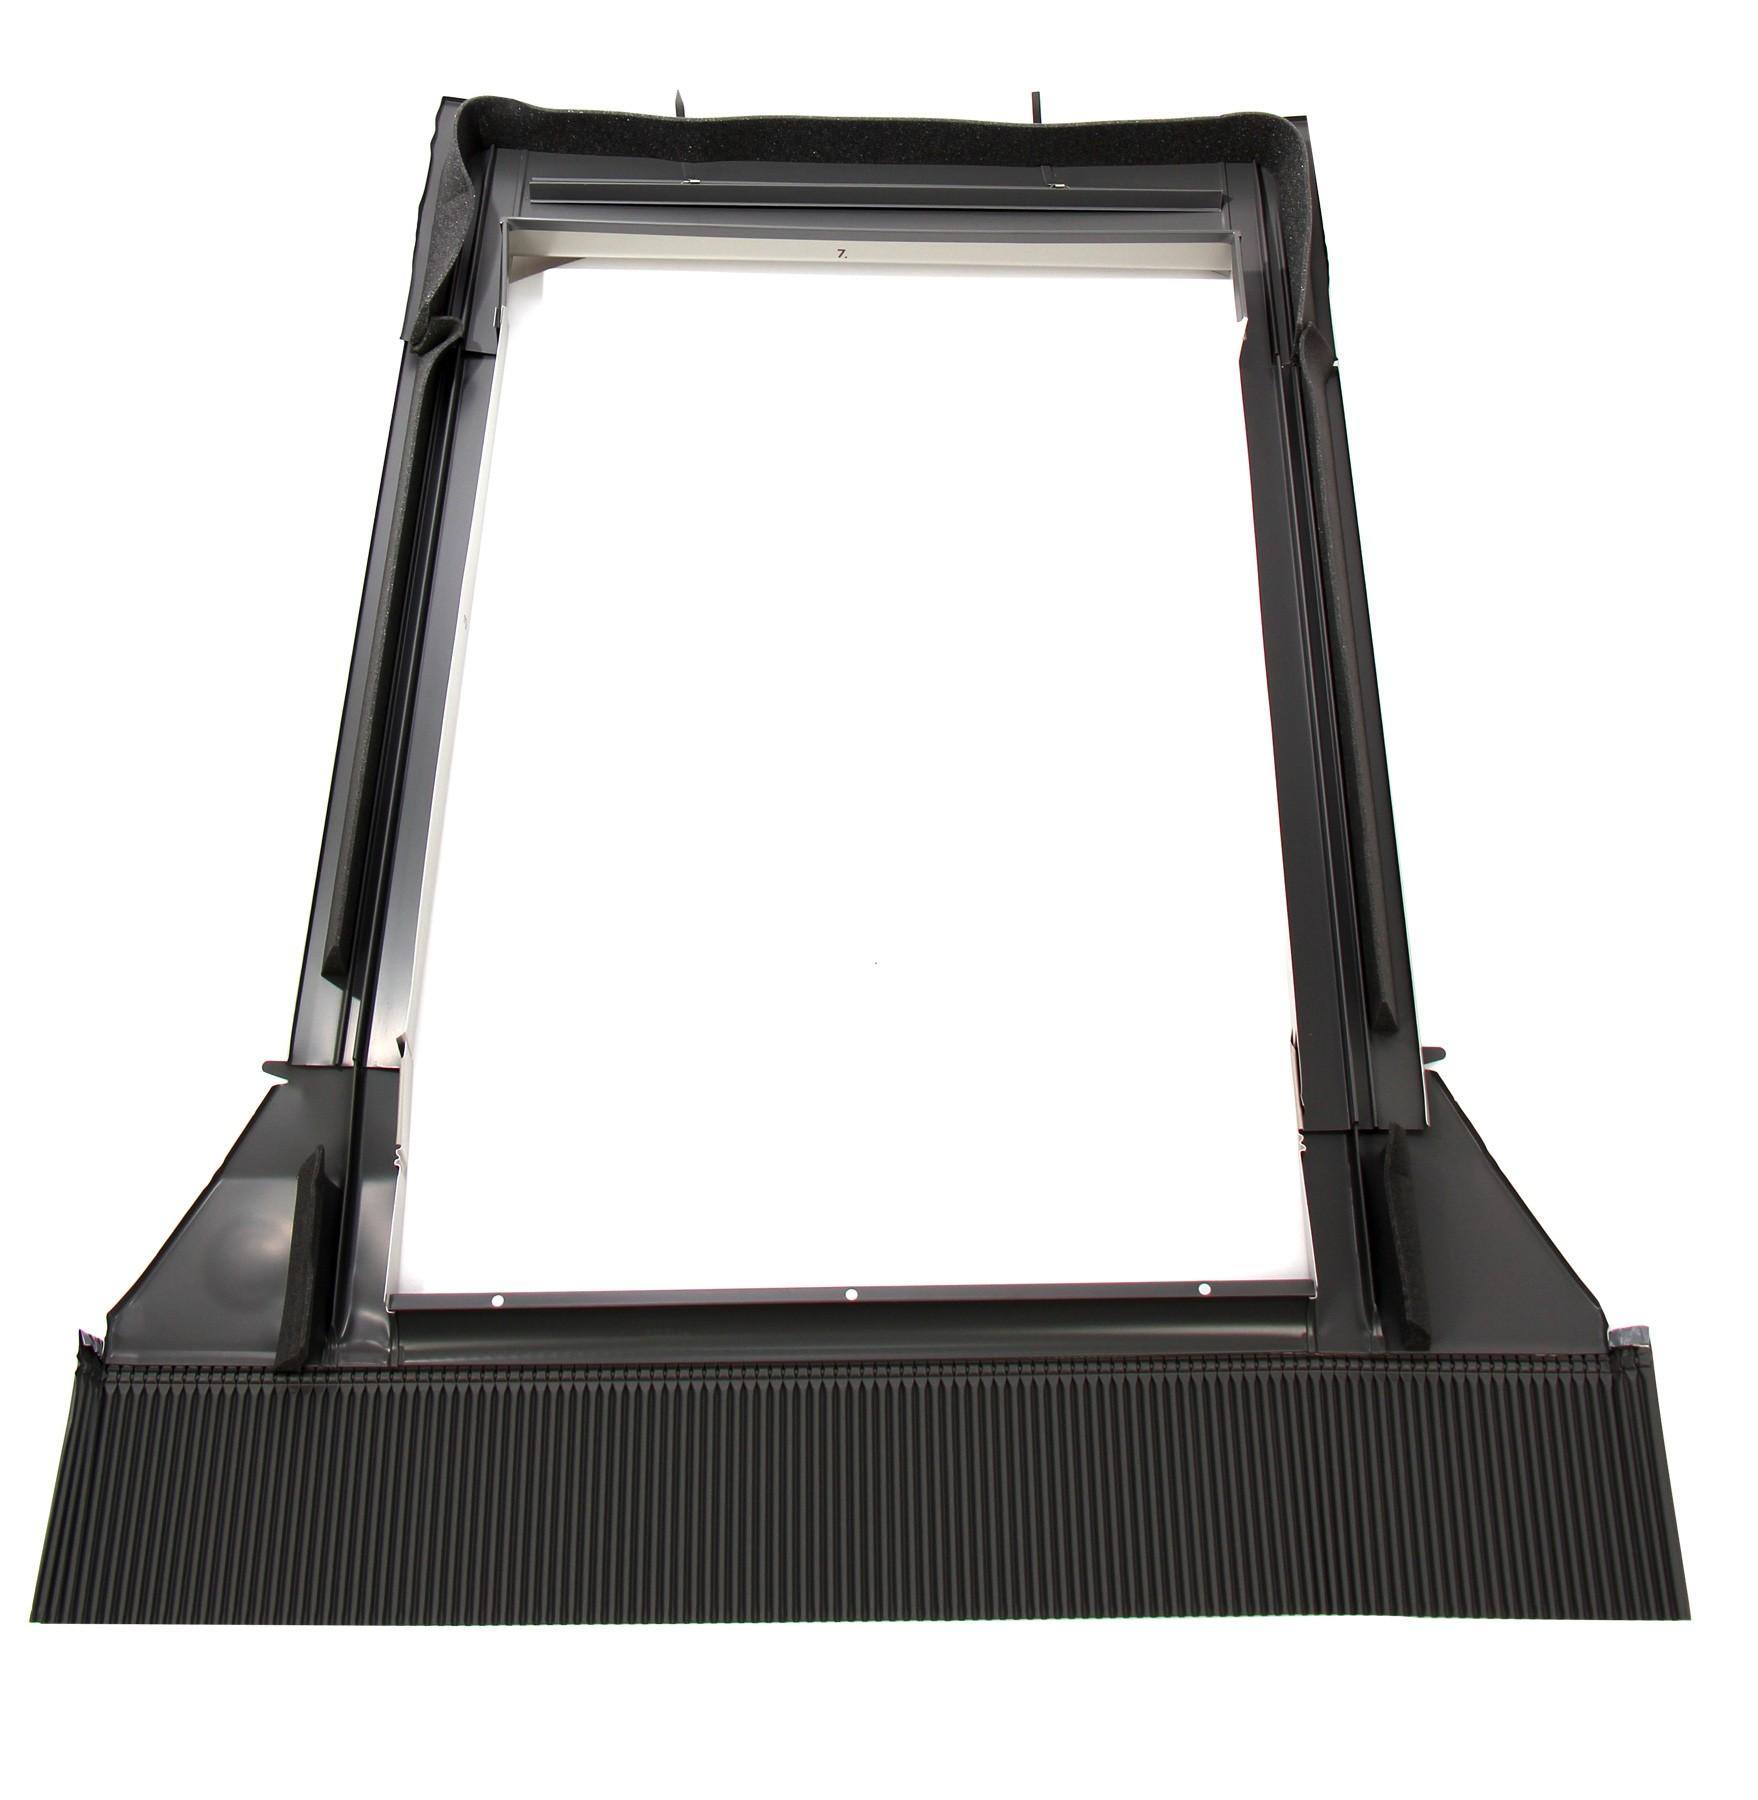 dedeman rama de etansare velux edw 0000 ck04 55 x 98 cm dedicat planurilor tale. Black Bedroom Furniture Sets. Home Design Ideas